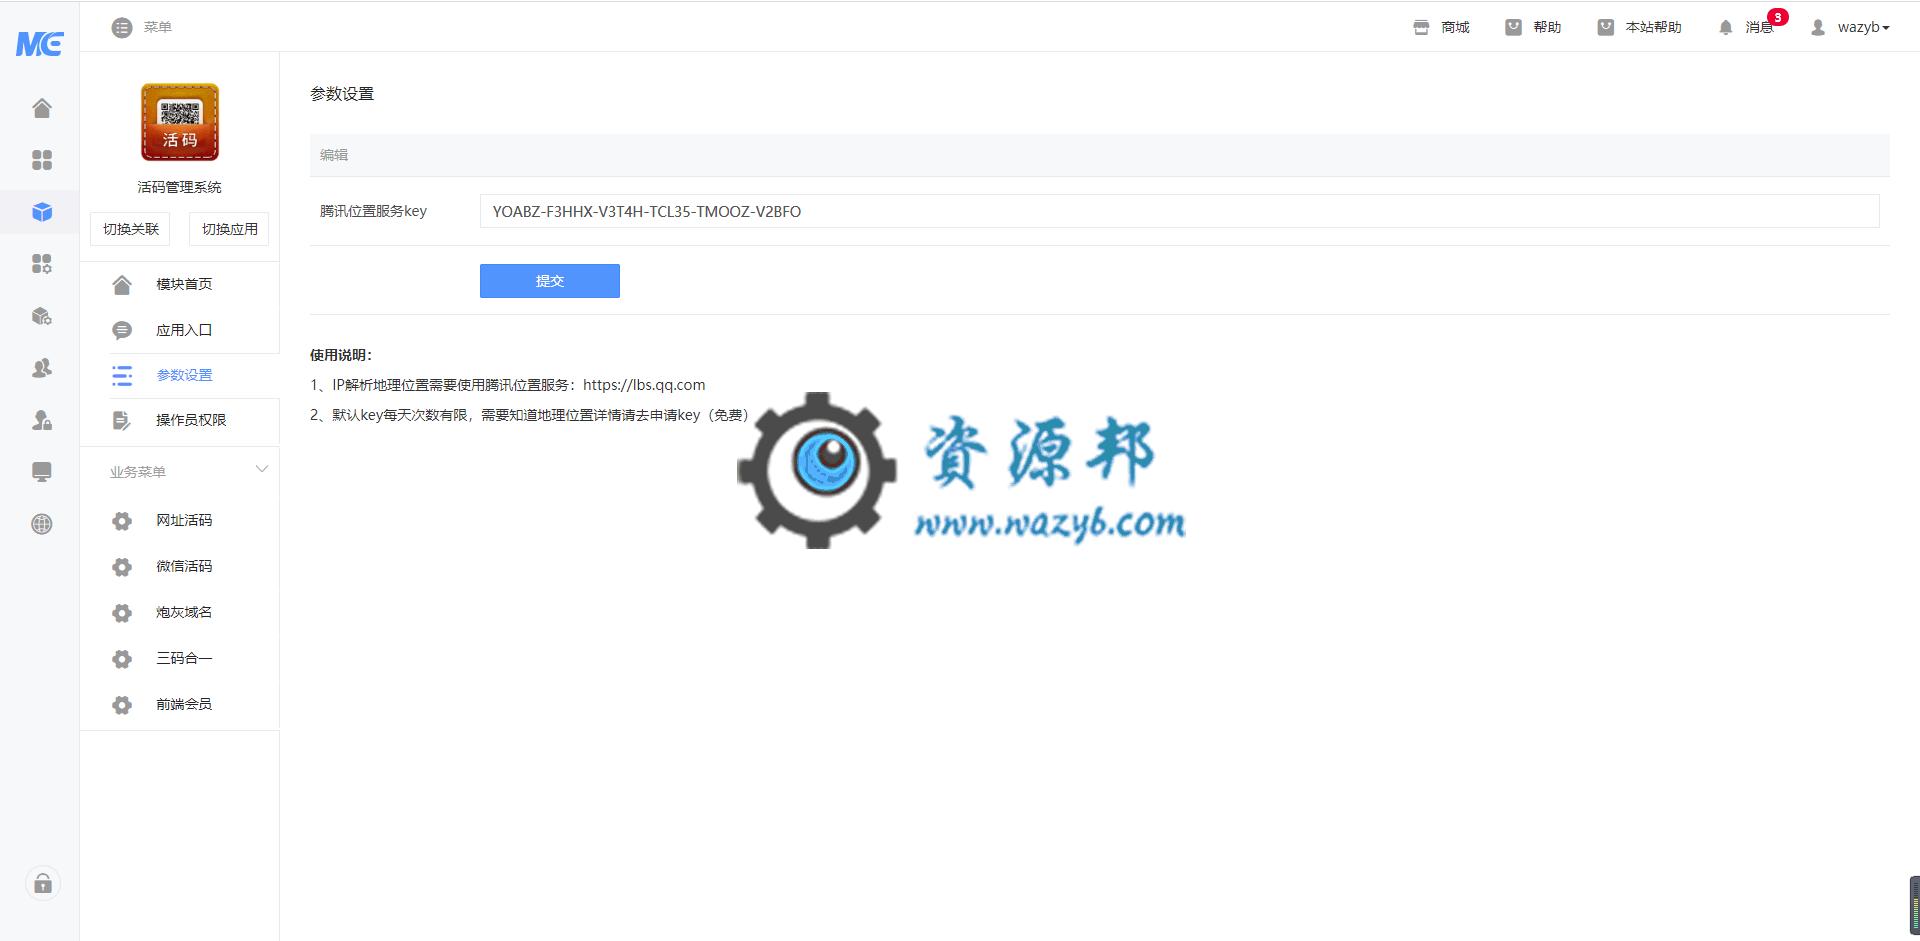 【公众号应用】活码管理系统V1.0.5安装包,微信活码新增防止重复入群功能 公众号应用 第2张